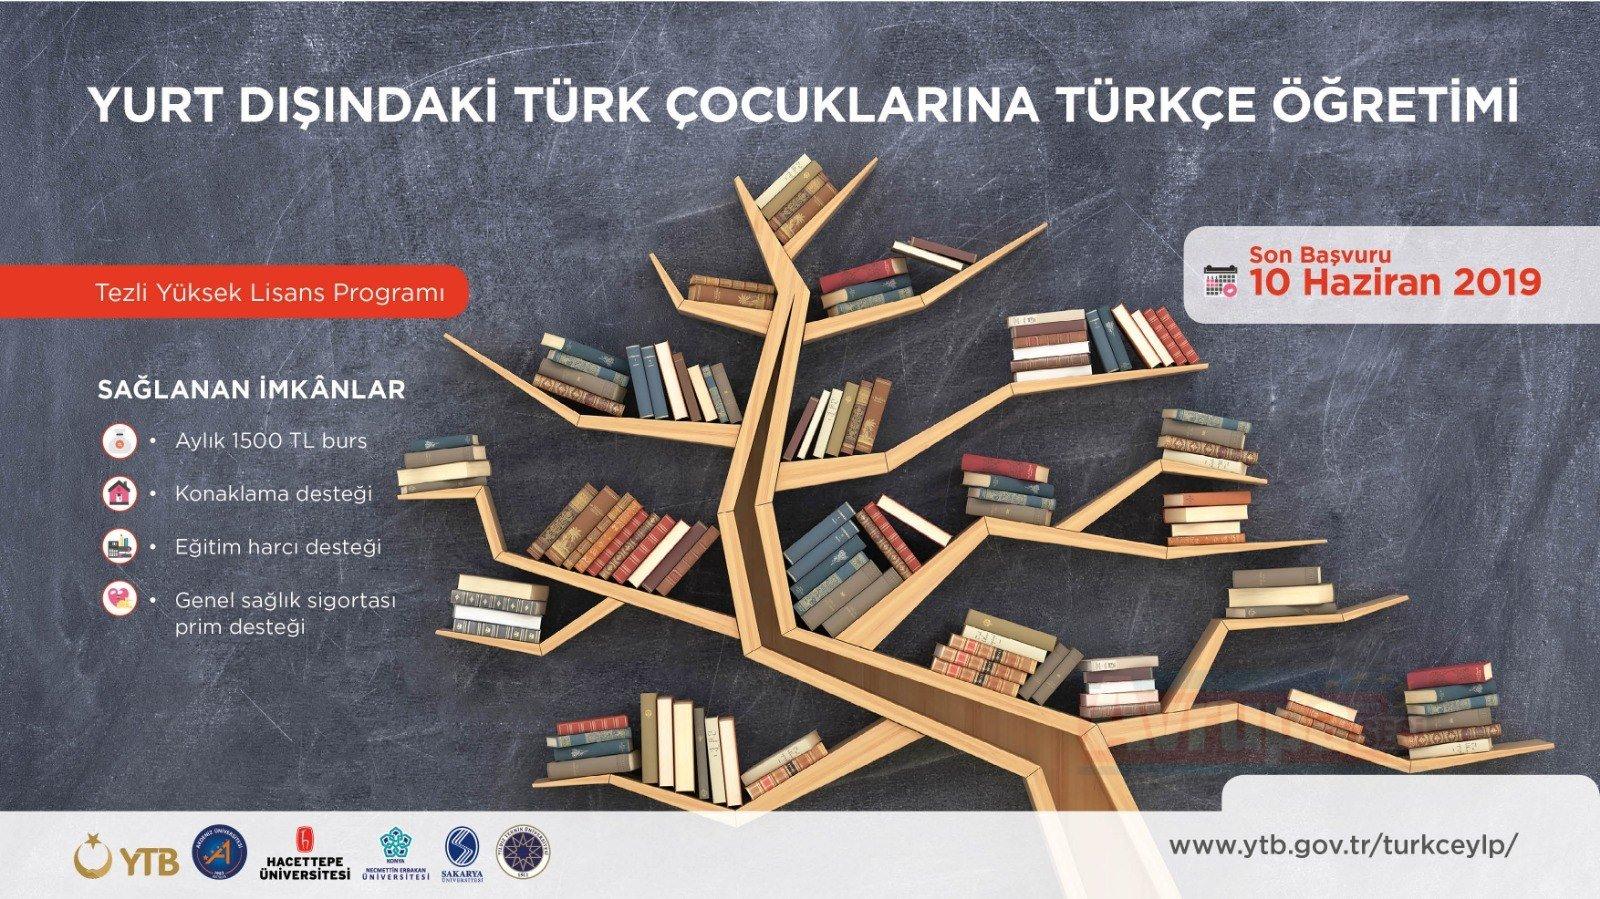 Yurt Dışındaki Türk Çocuklarına Türkçe Öğretimi Tezli Yüksek Lisans Programı